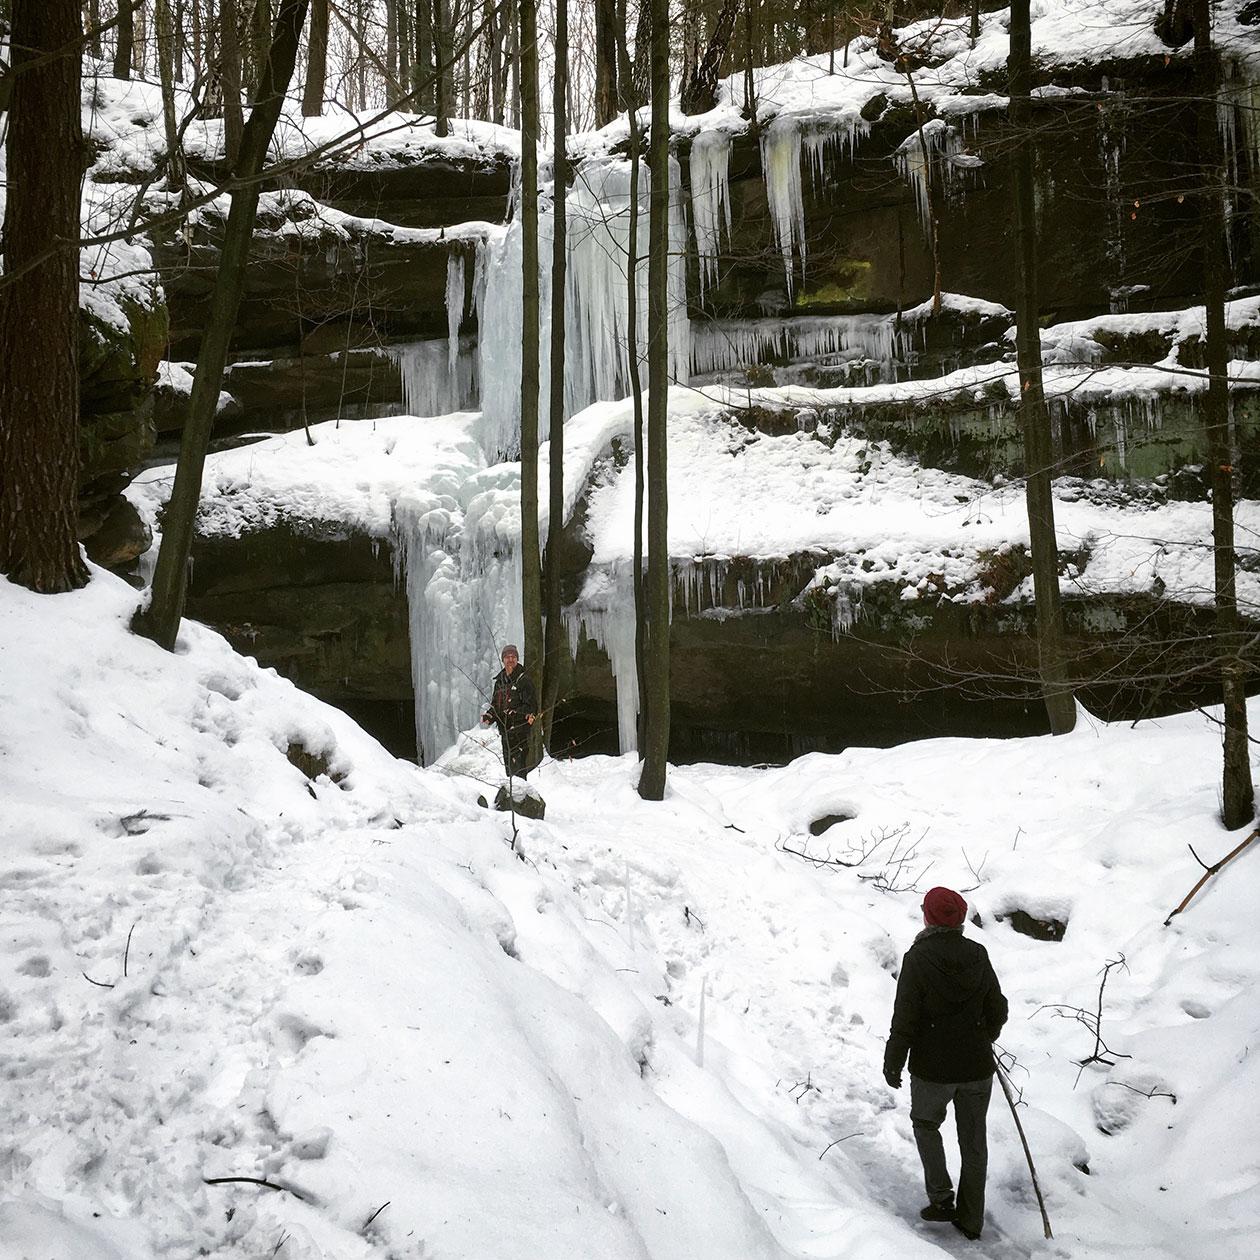 Immer wieder kommen wir an kleineren Eisformationen vorbei, die zum Staunen und Pausieren einladen.